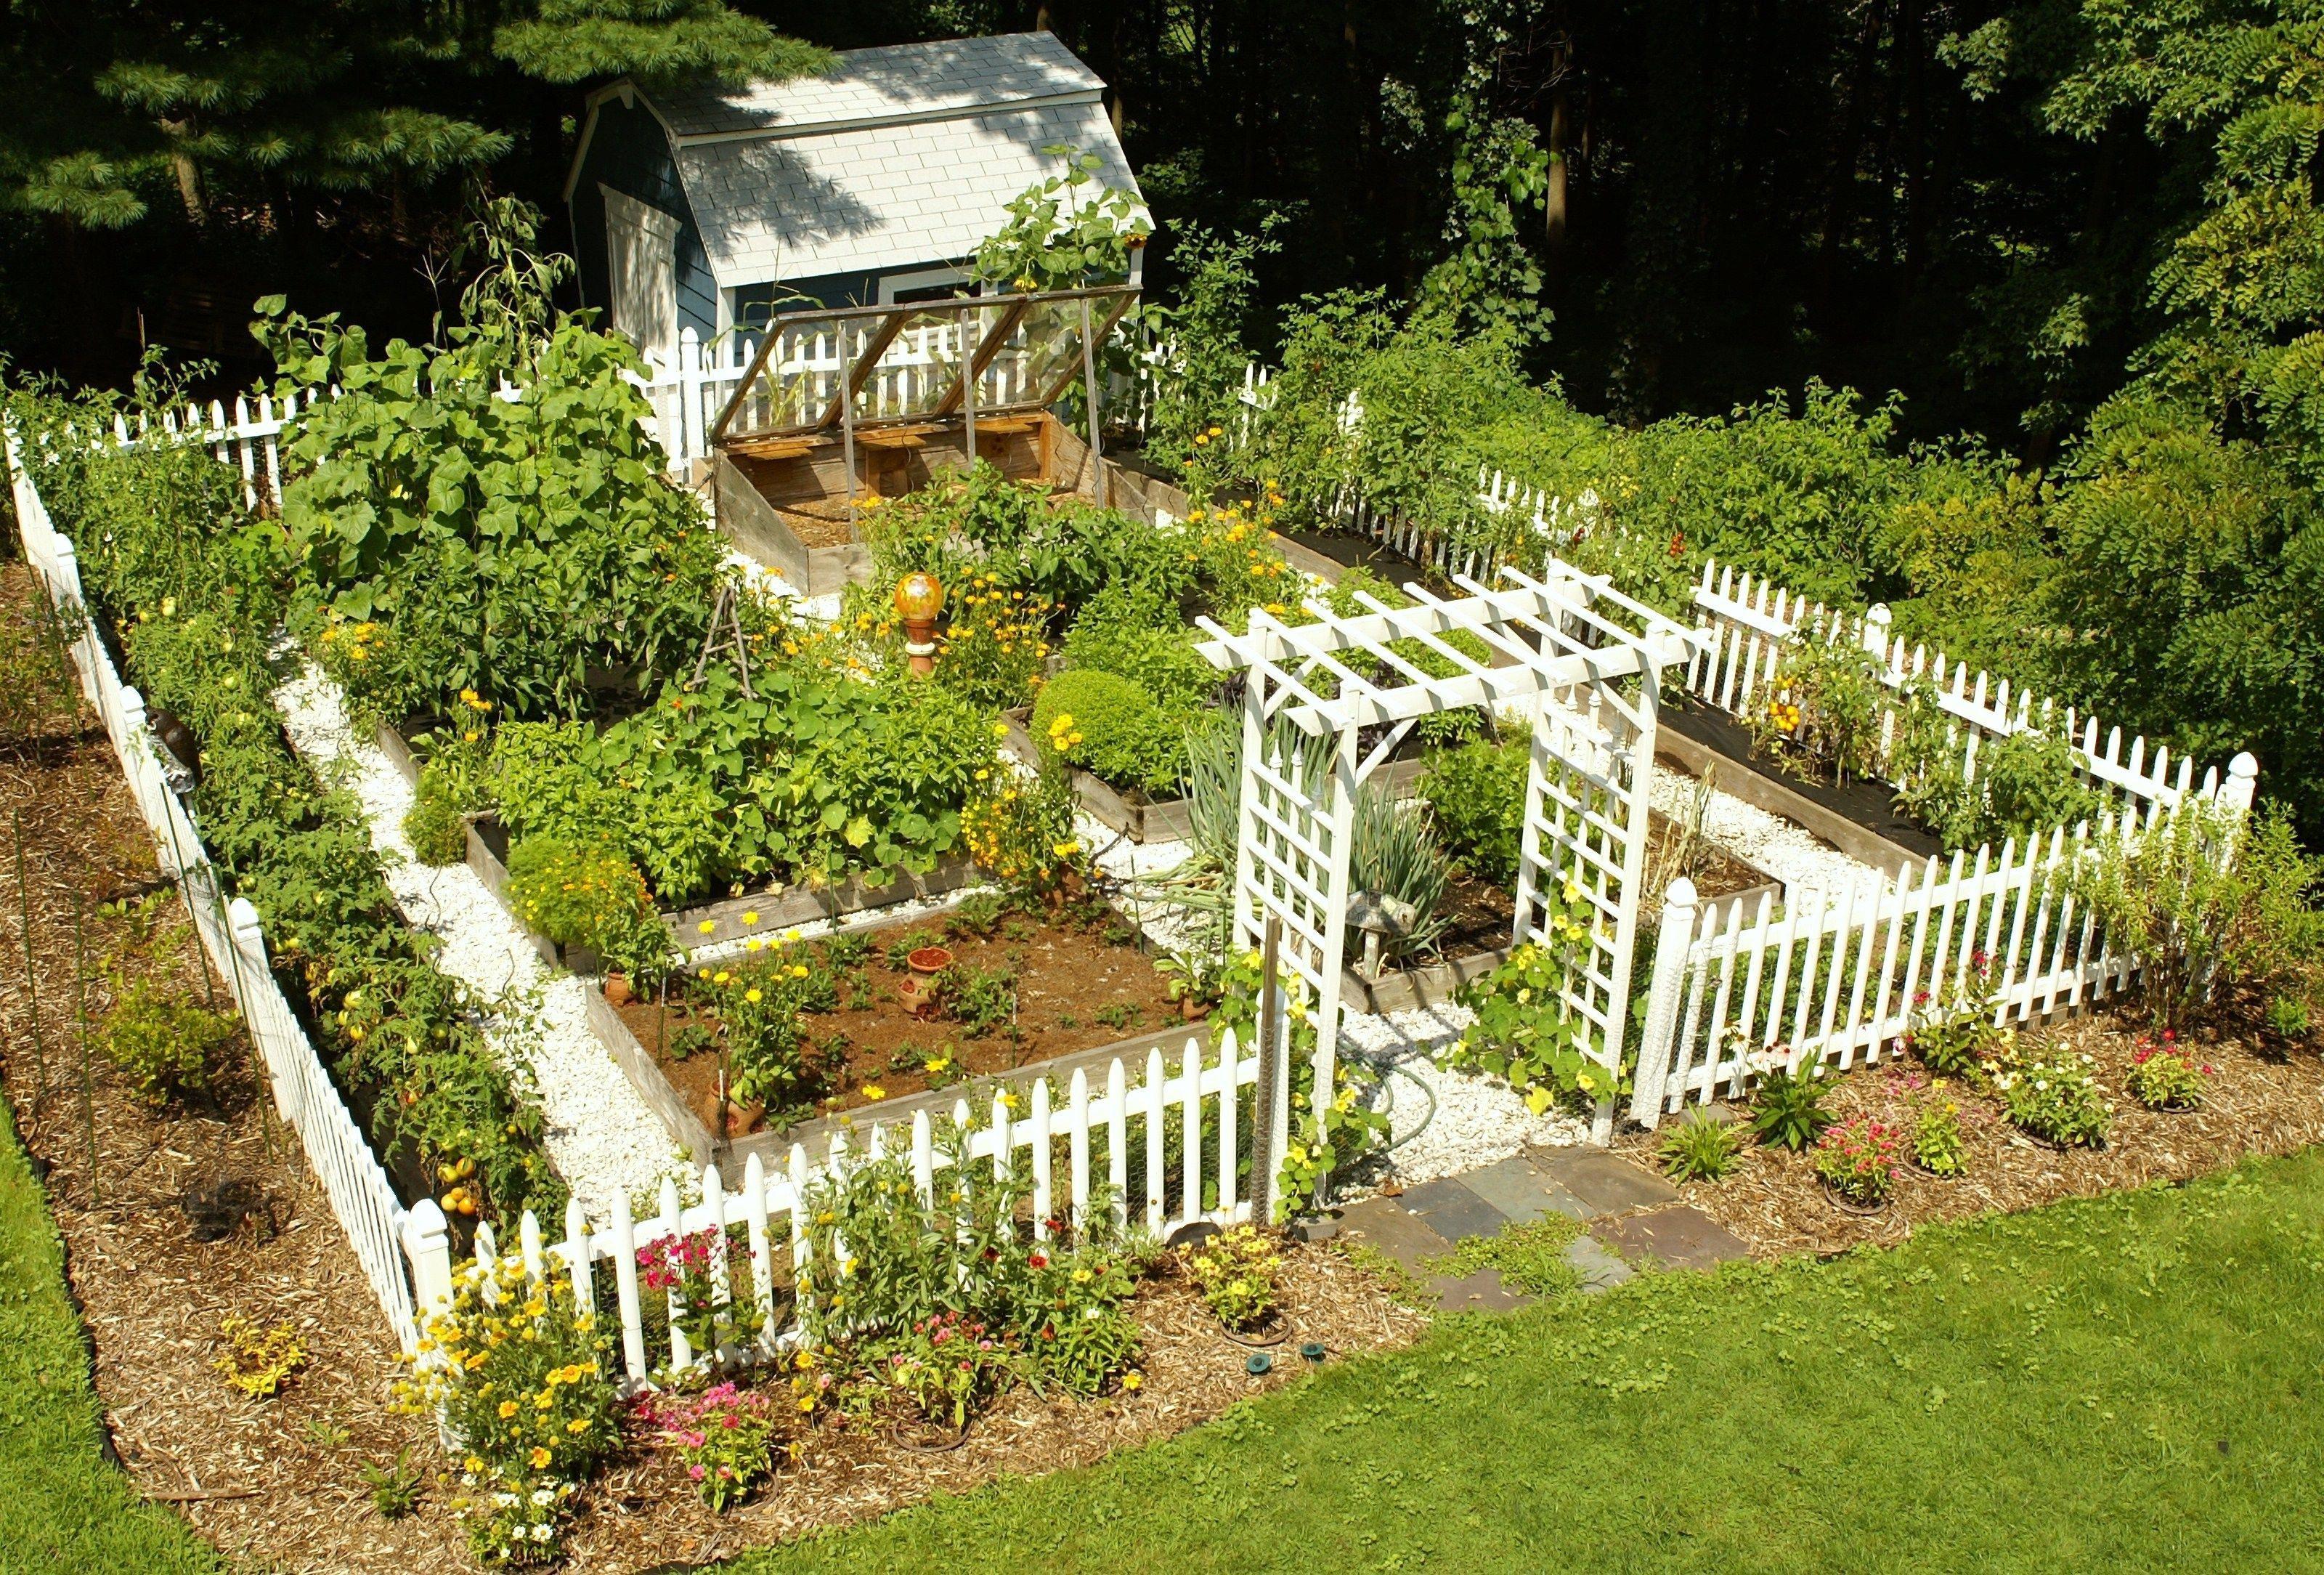 Home vegetable garden design  Vegetable Garden Plan Home Tender Smart Home Vegetable Garden